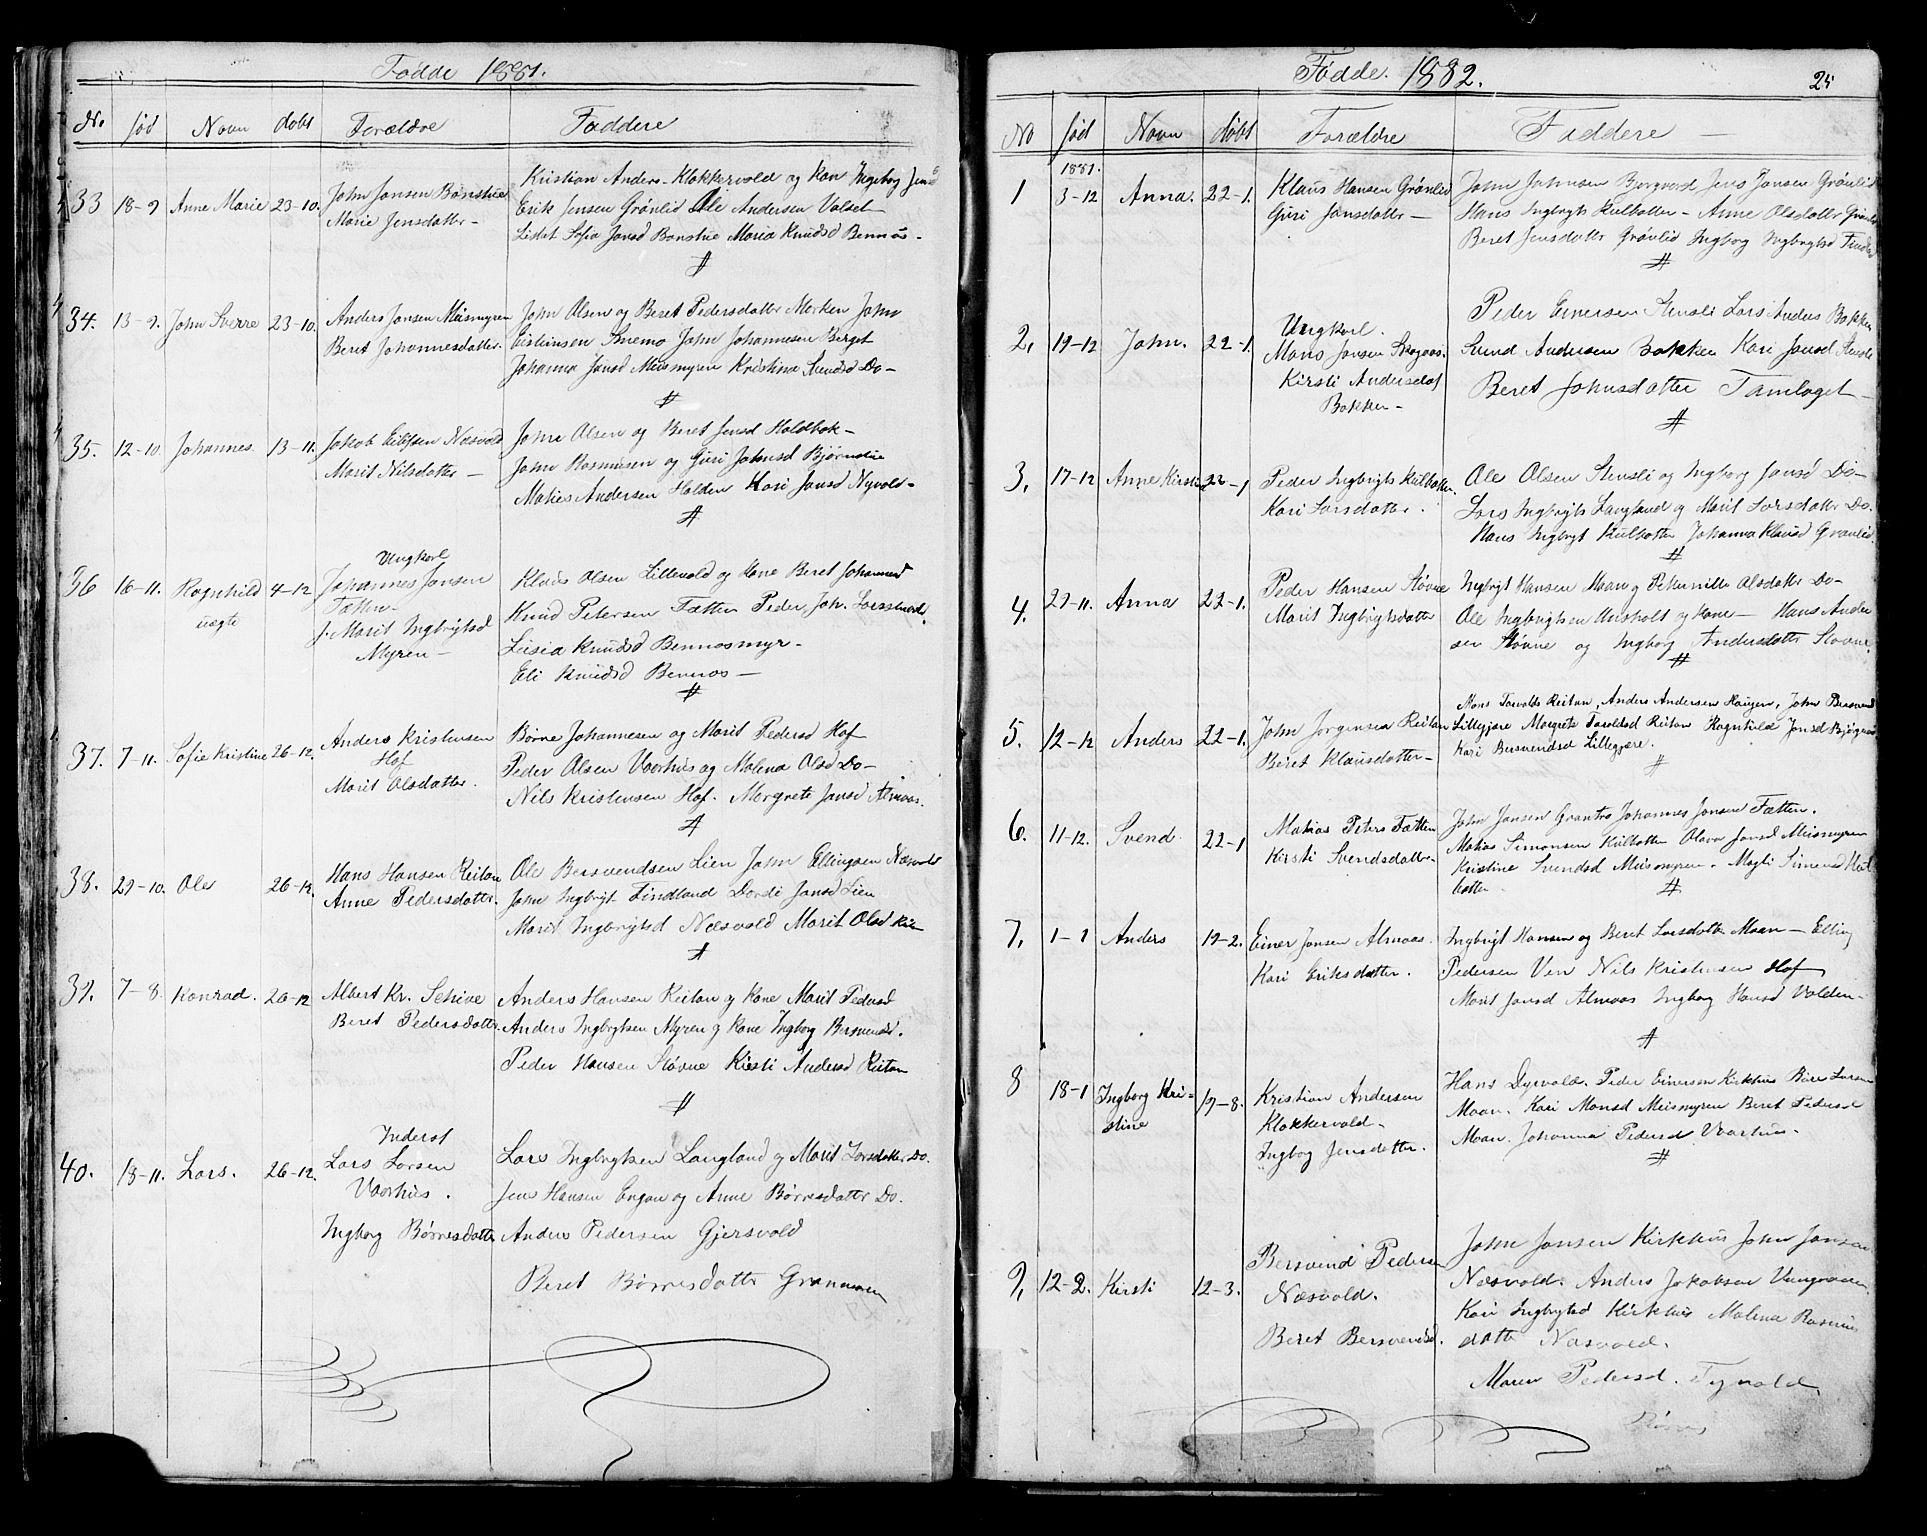 SAT, Ministerialprotokoller, klokkerbøker og fødselsregistre - Sør-Trøndelag, 686/L0985: Klokkerbok nr. 686C01, 1871-1933, s. 25